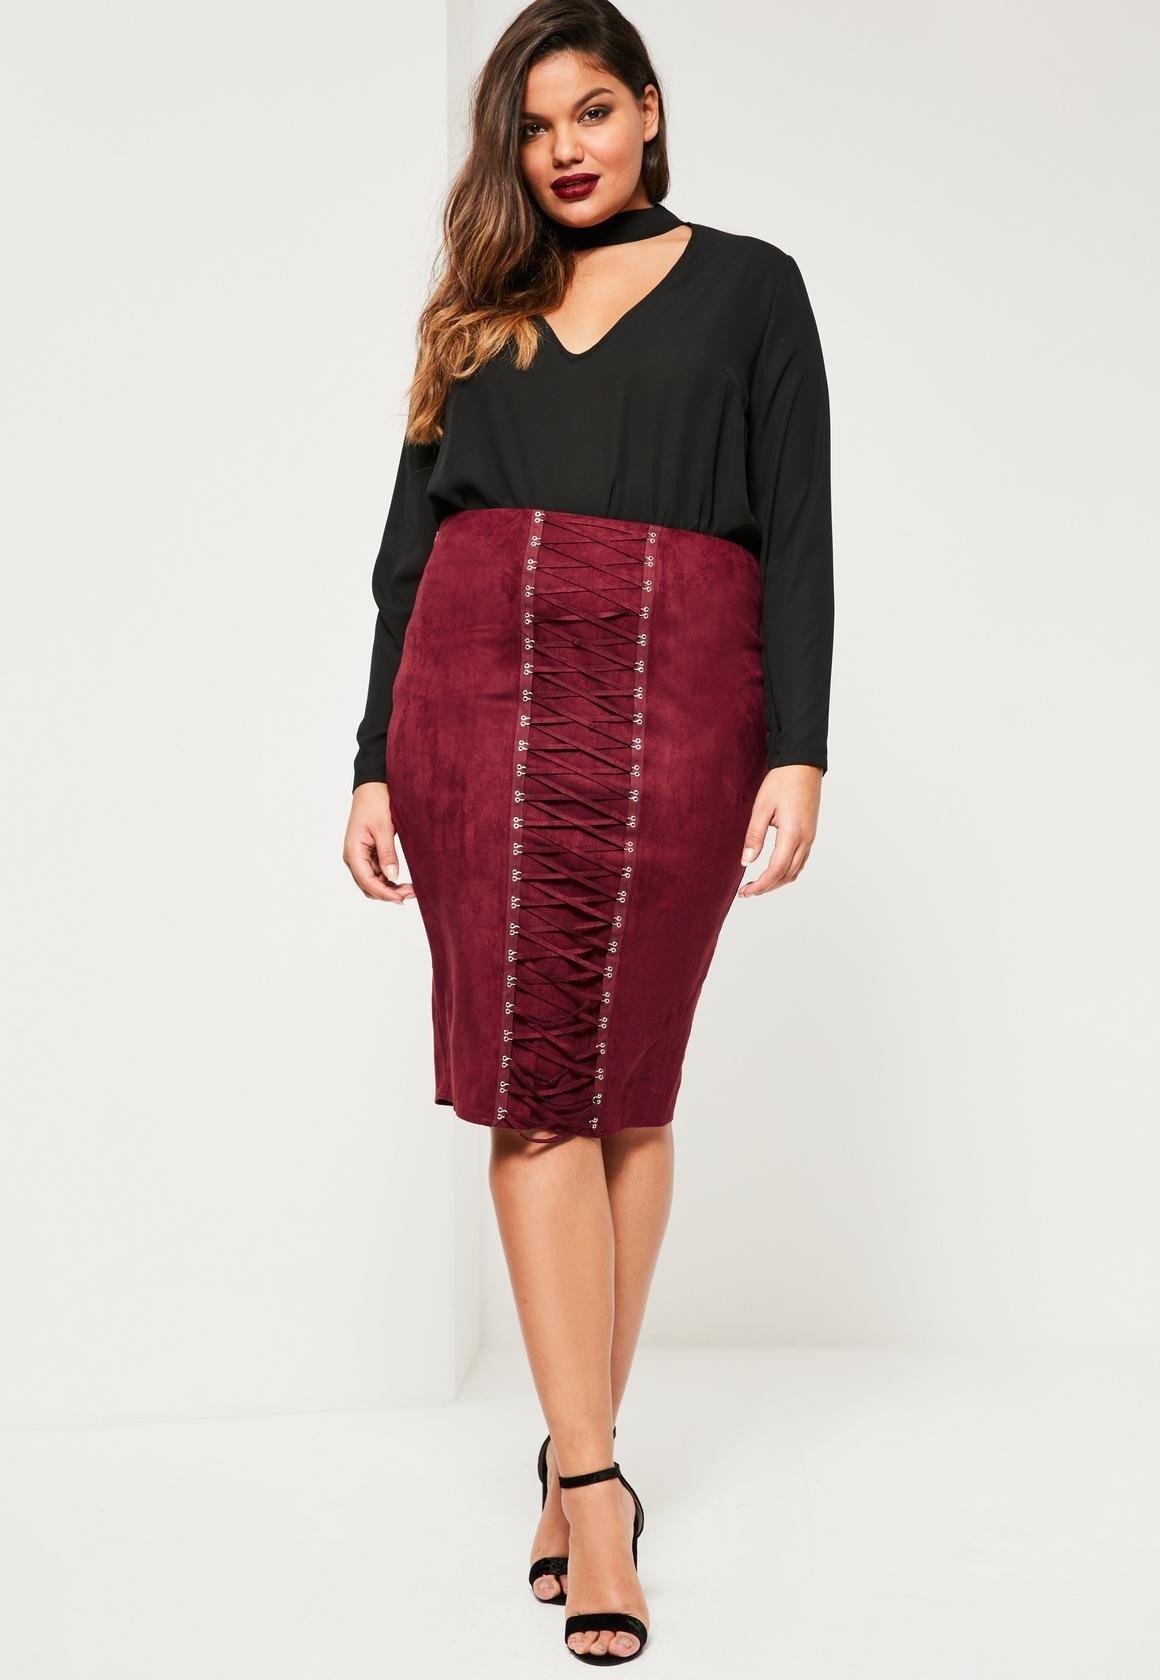 модное черное платье с бордовой юбкой для полных осень-зима 2018 2019